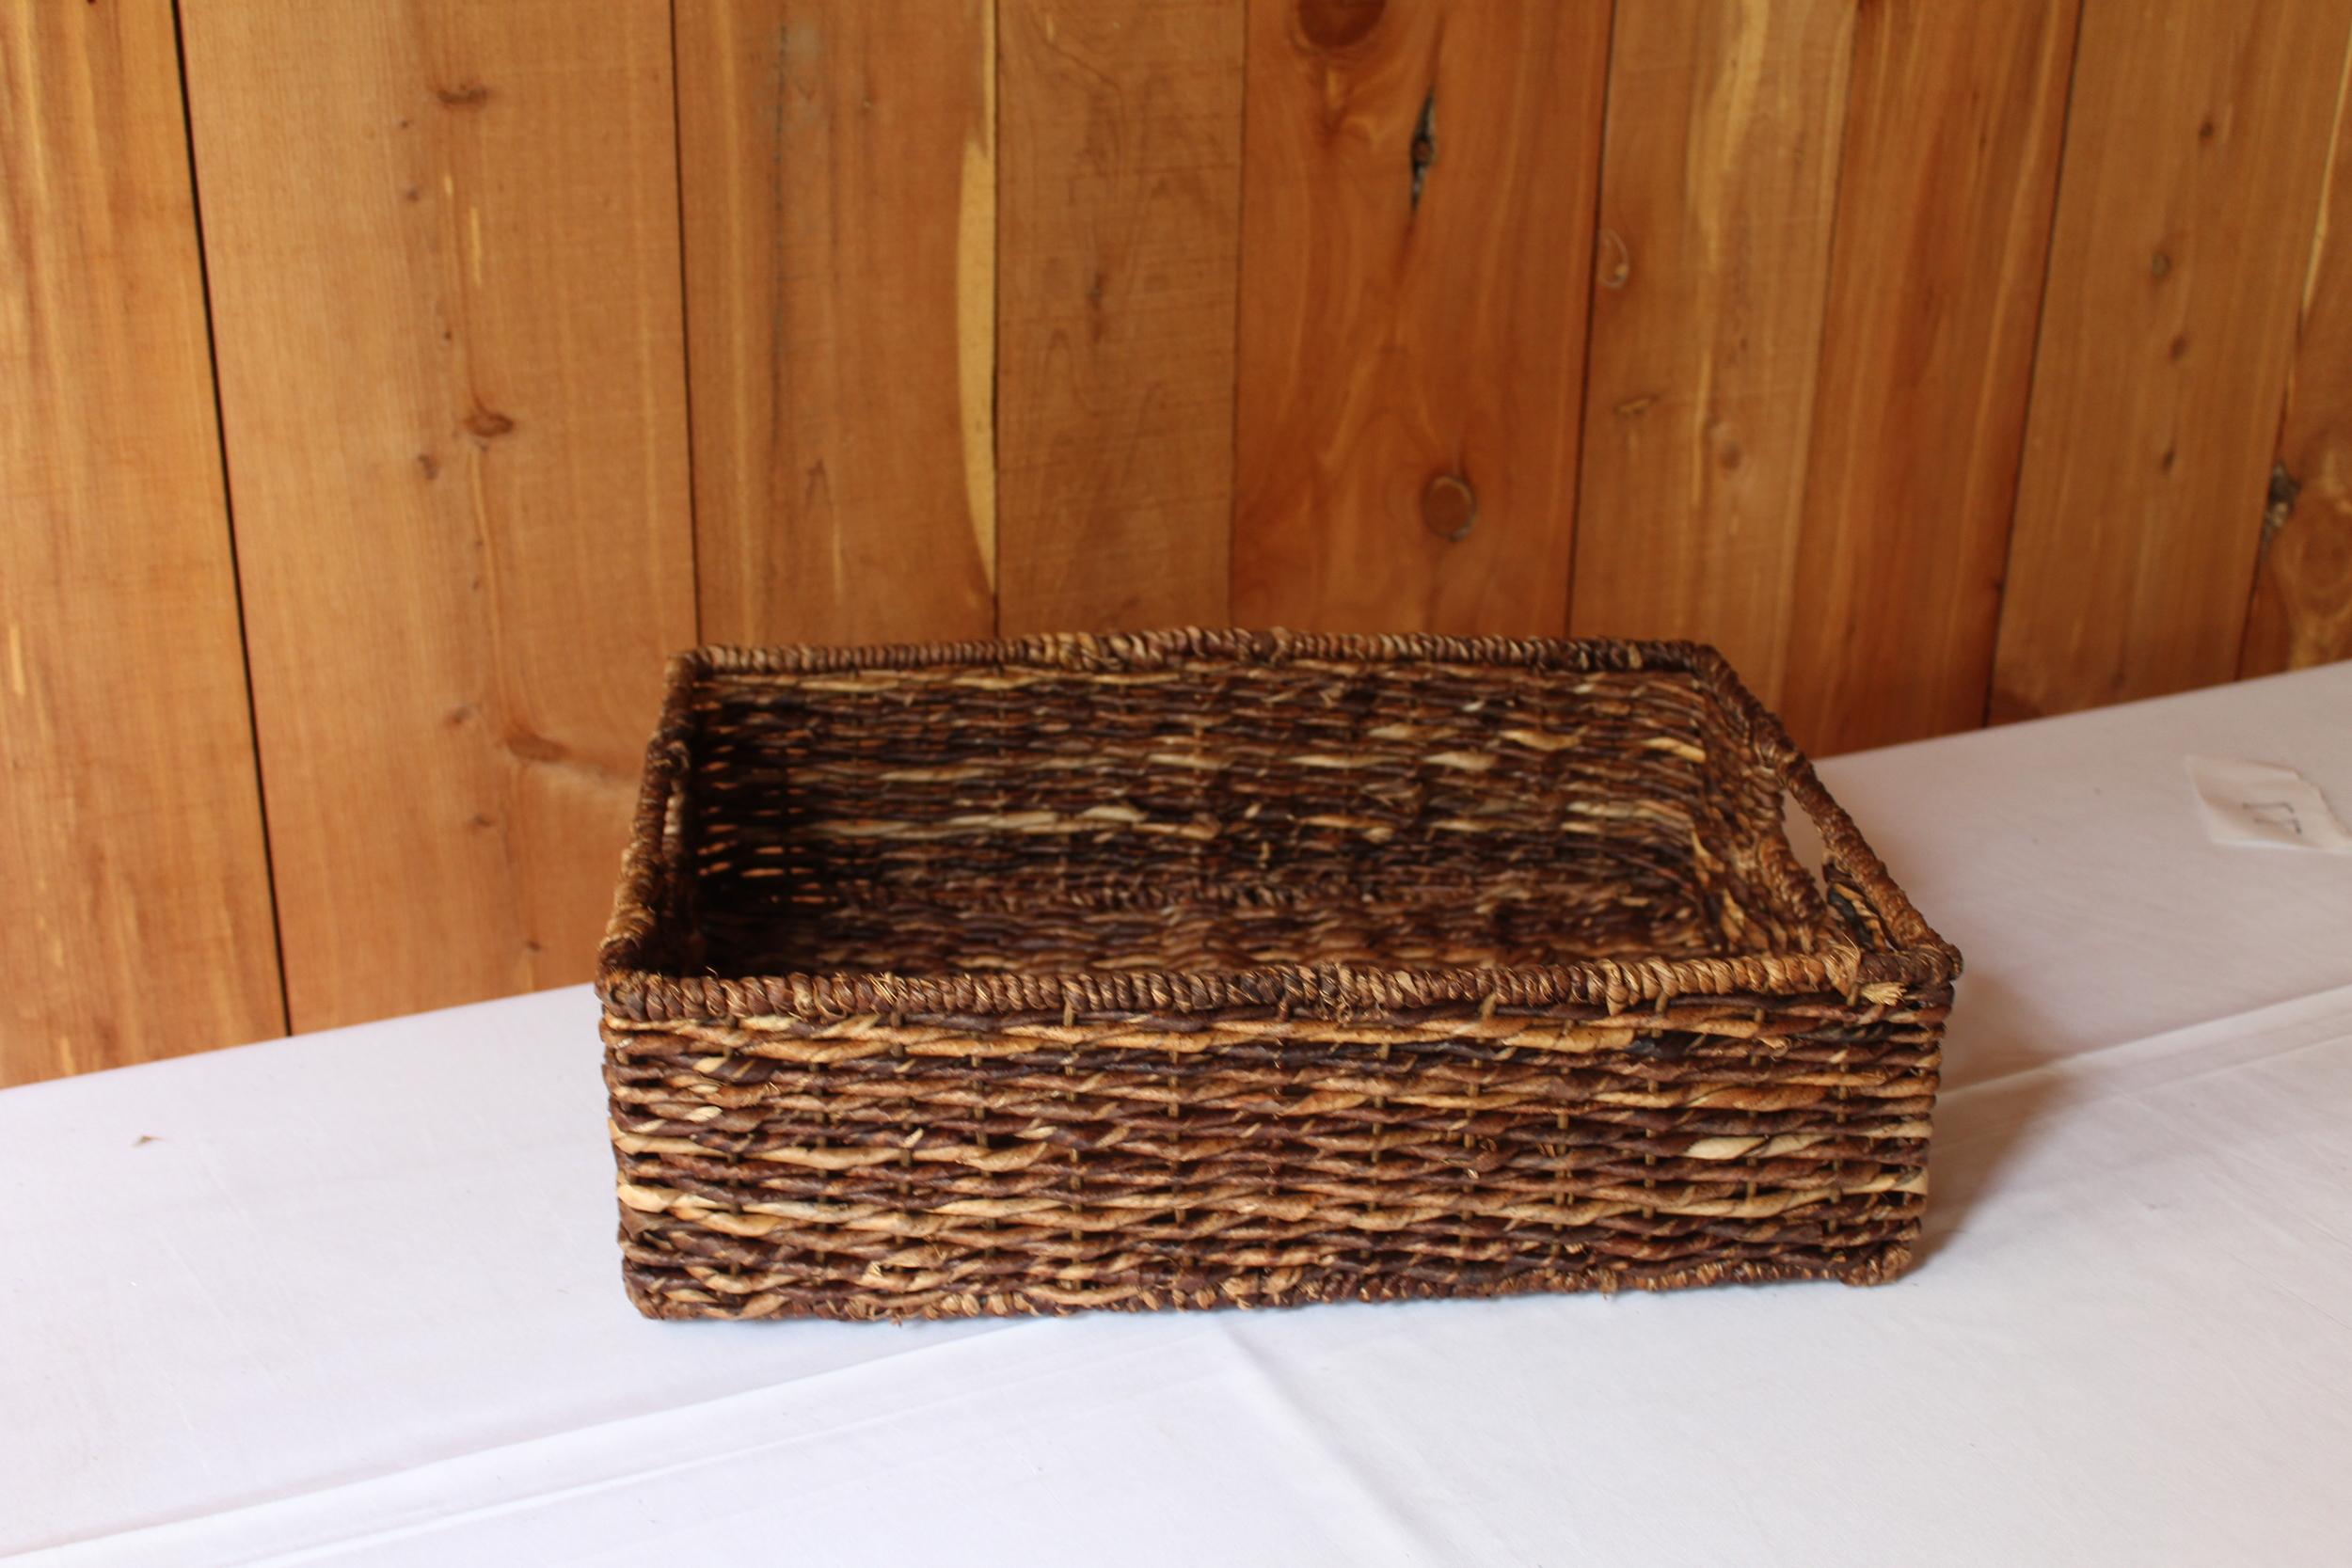 #78 - Dark Flat Basket